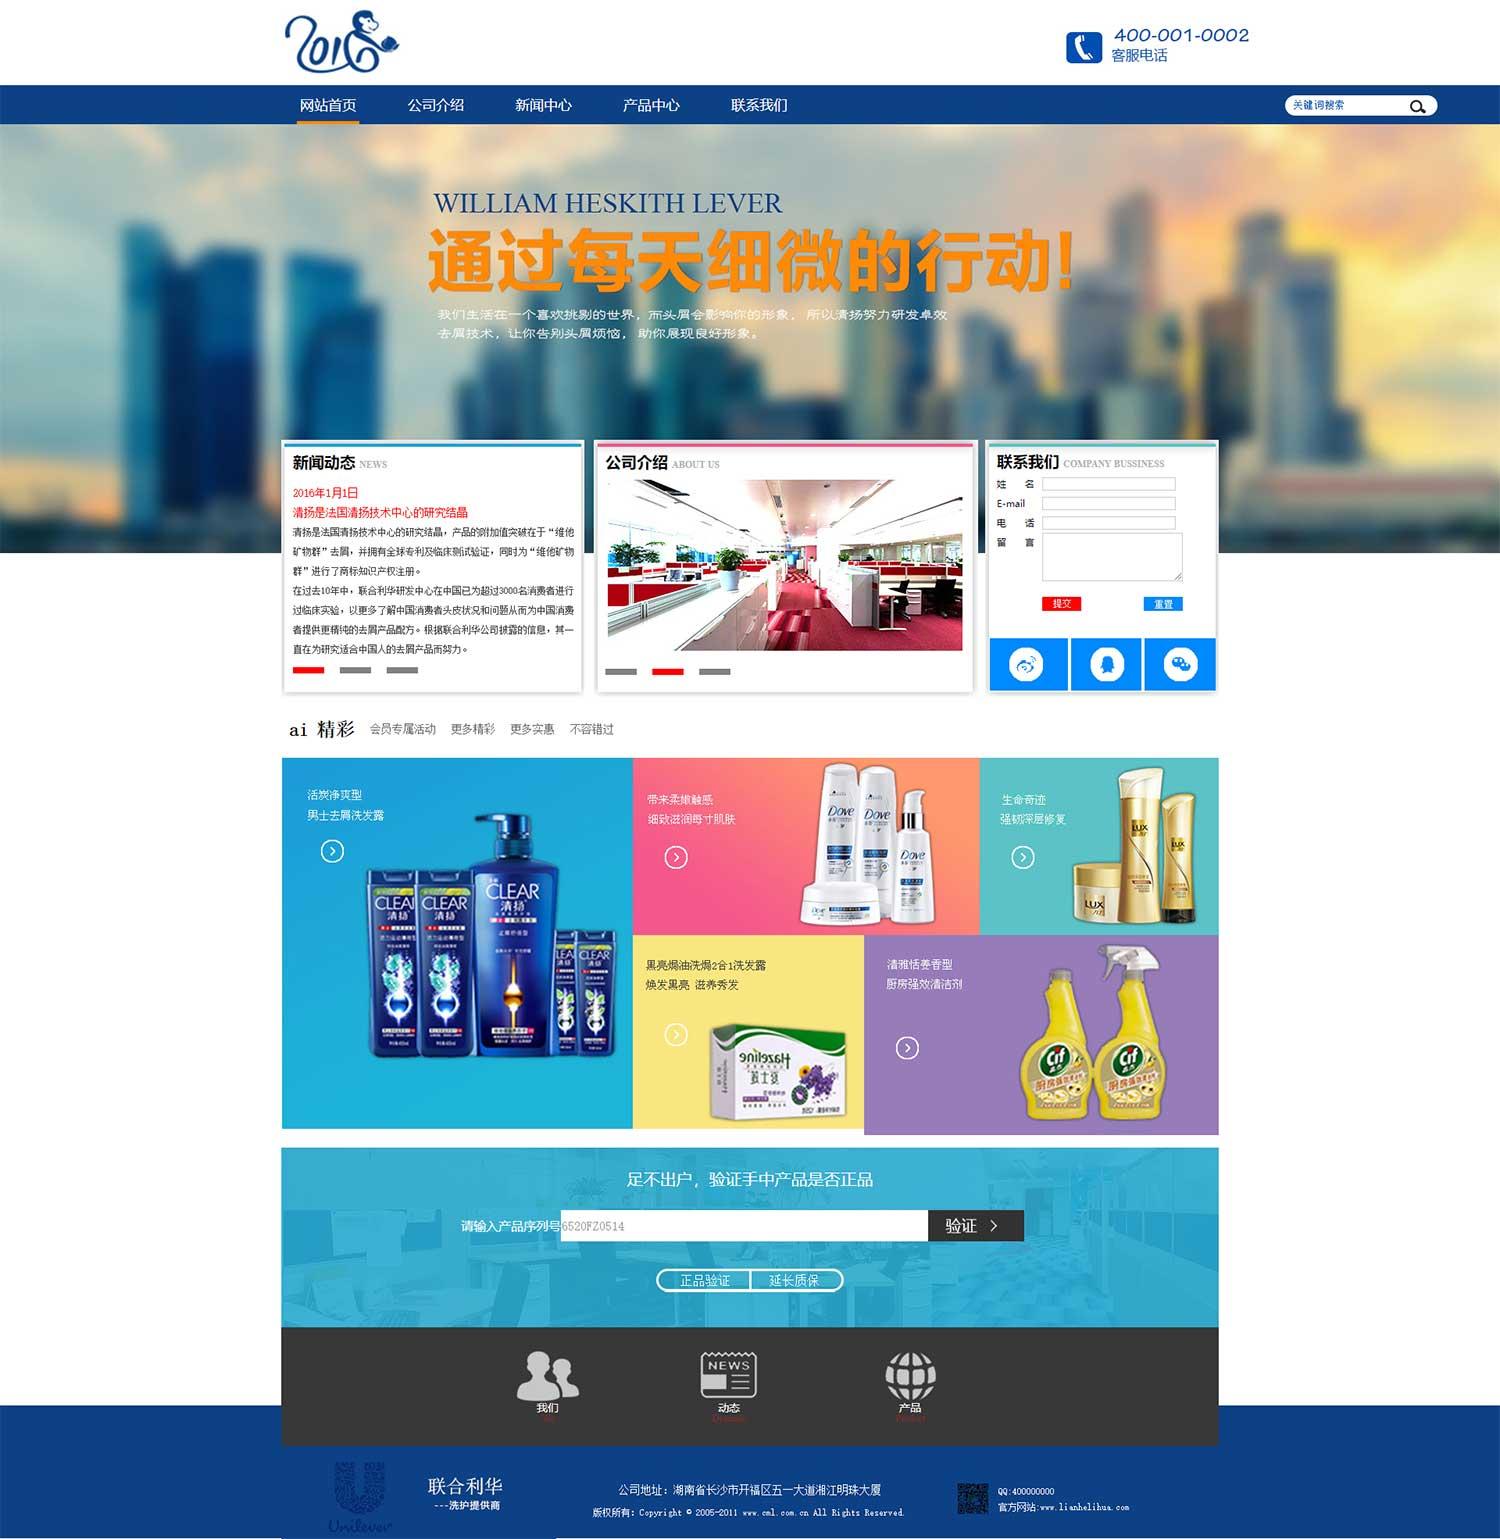 蓝色宽屏的外贸公司网站html模板源码